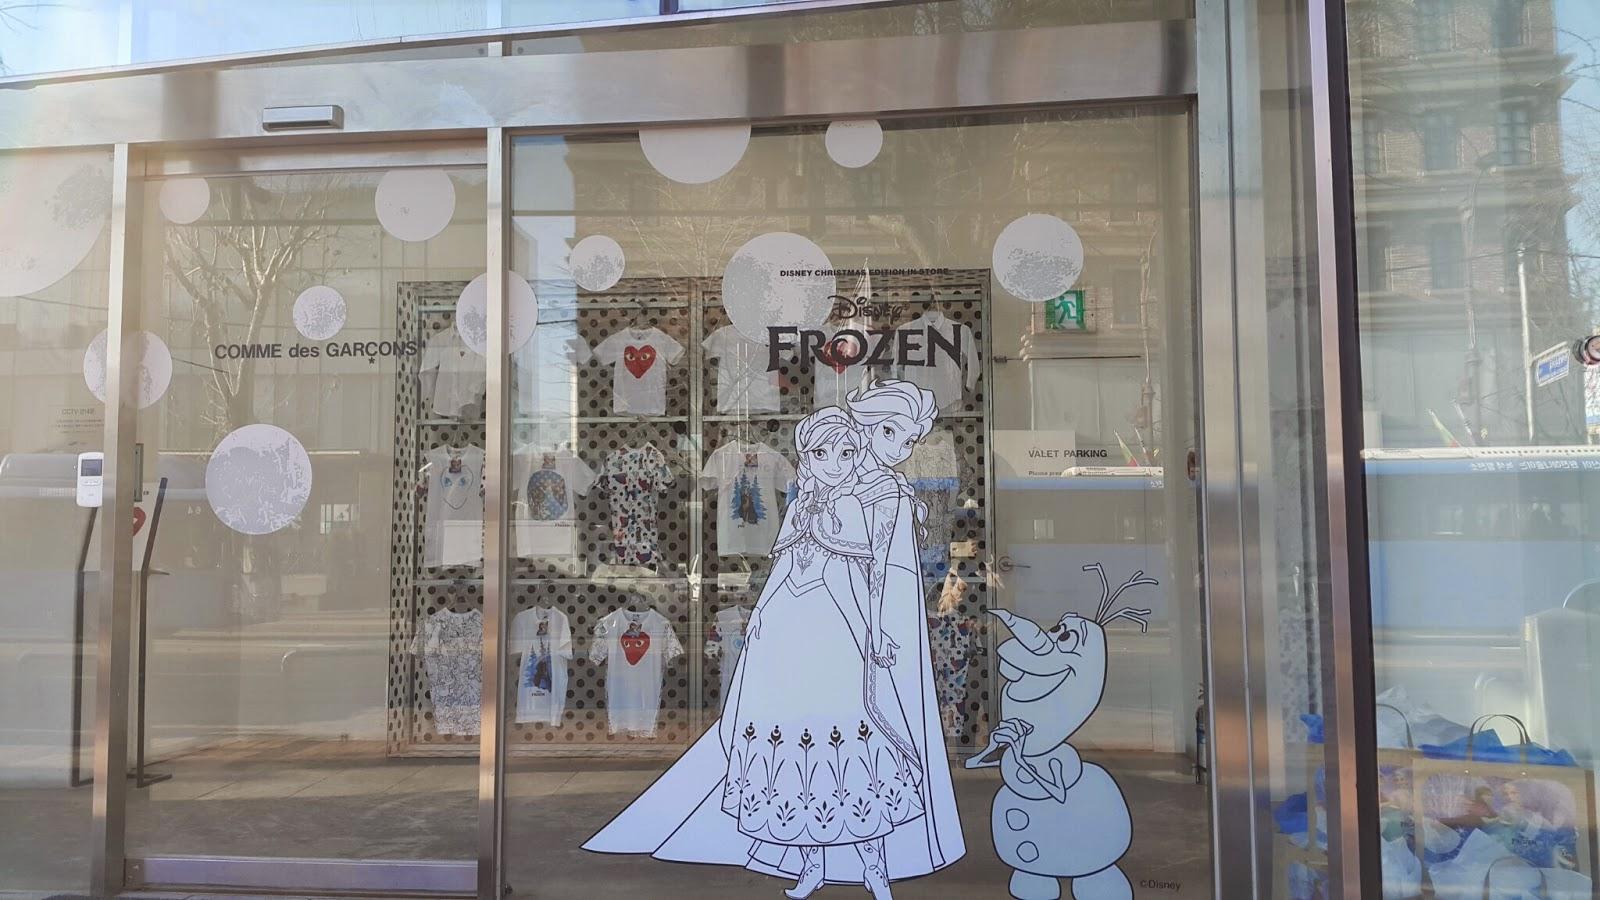 Frozen in white